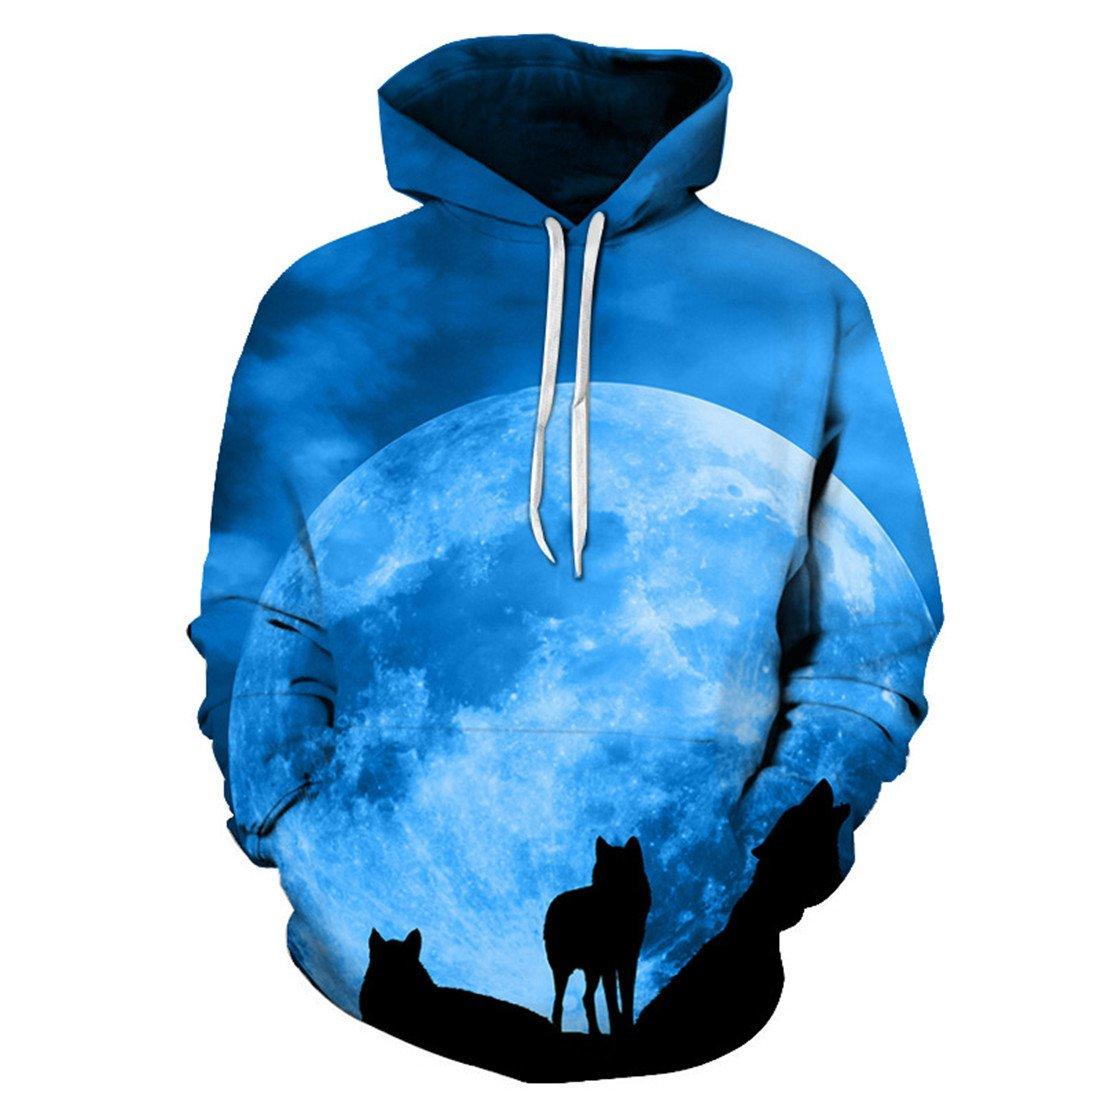 YICHUN Men Women Thin Sweatshirts Top Sweater Hoodie Hooded Sweats Jumpers Casual Shirt